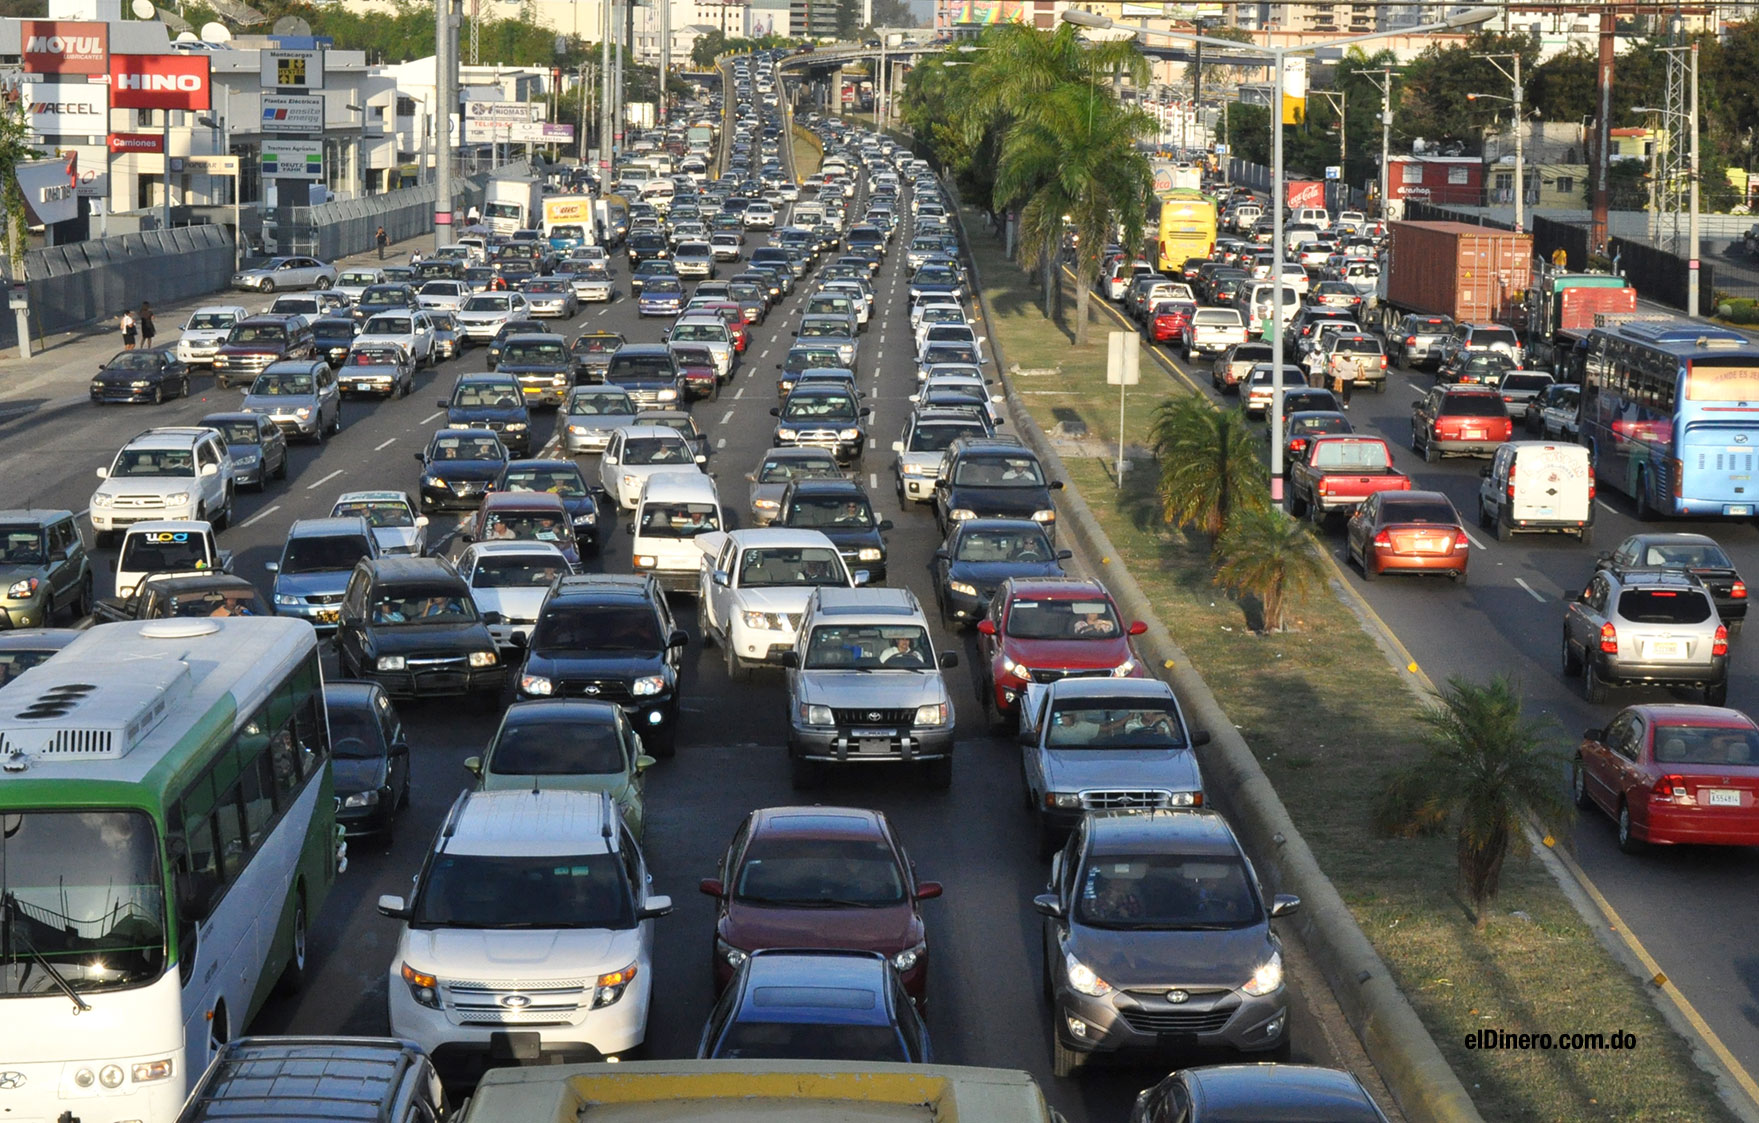 Caos en el tránsito: Horas pico bajan rentabilidad del transporte ...